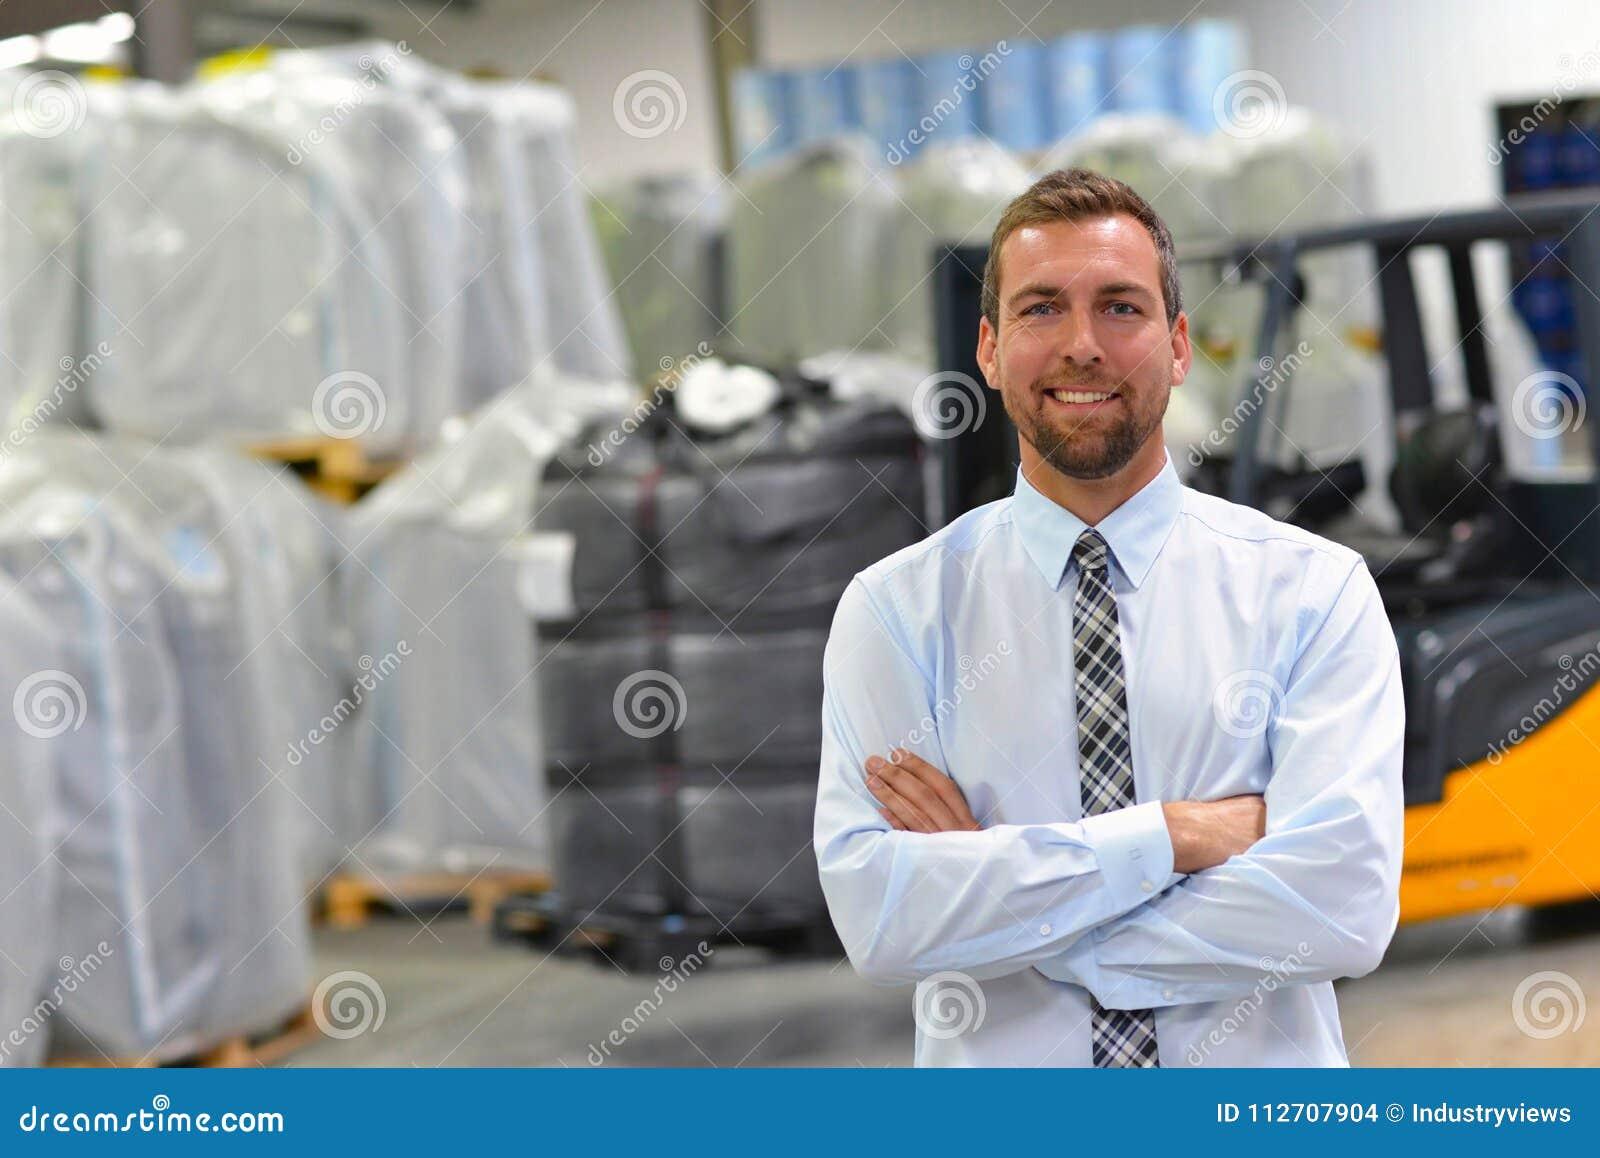 Portret van een manager in een logistiekbedrijf - op de achtergrond